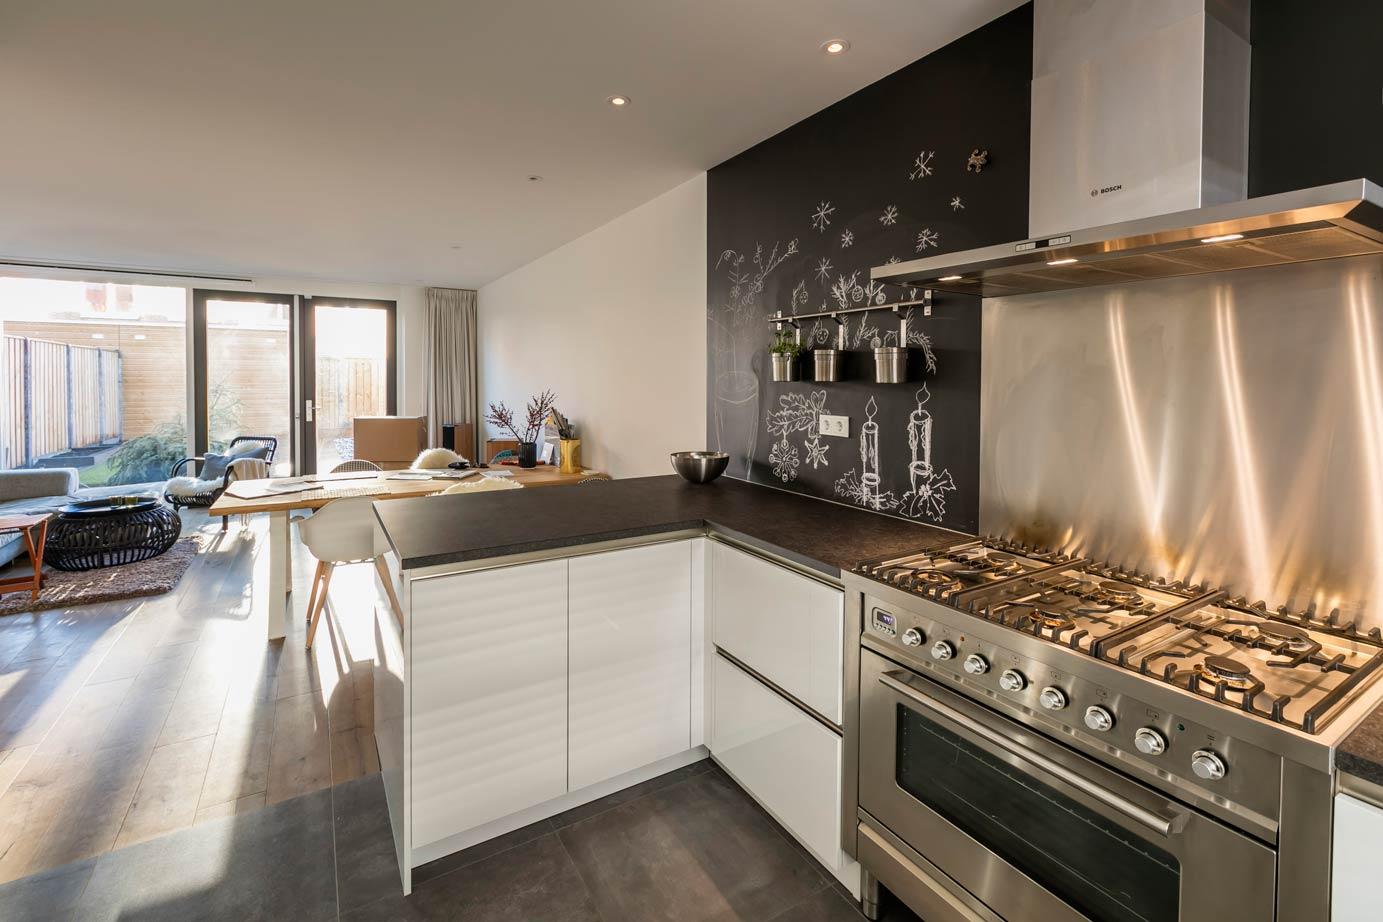 moderne keuken en badkamer kopen in landsmeer db keukens